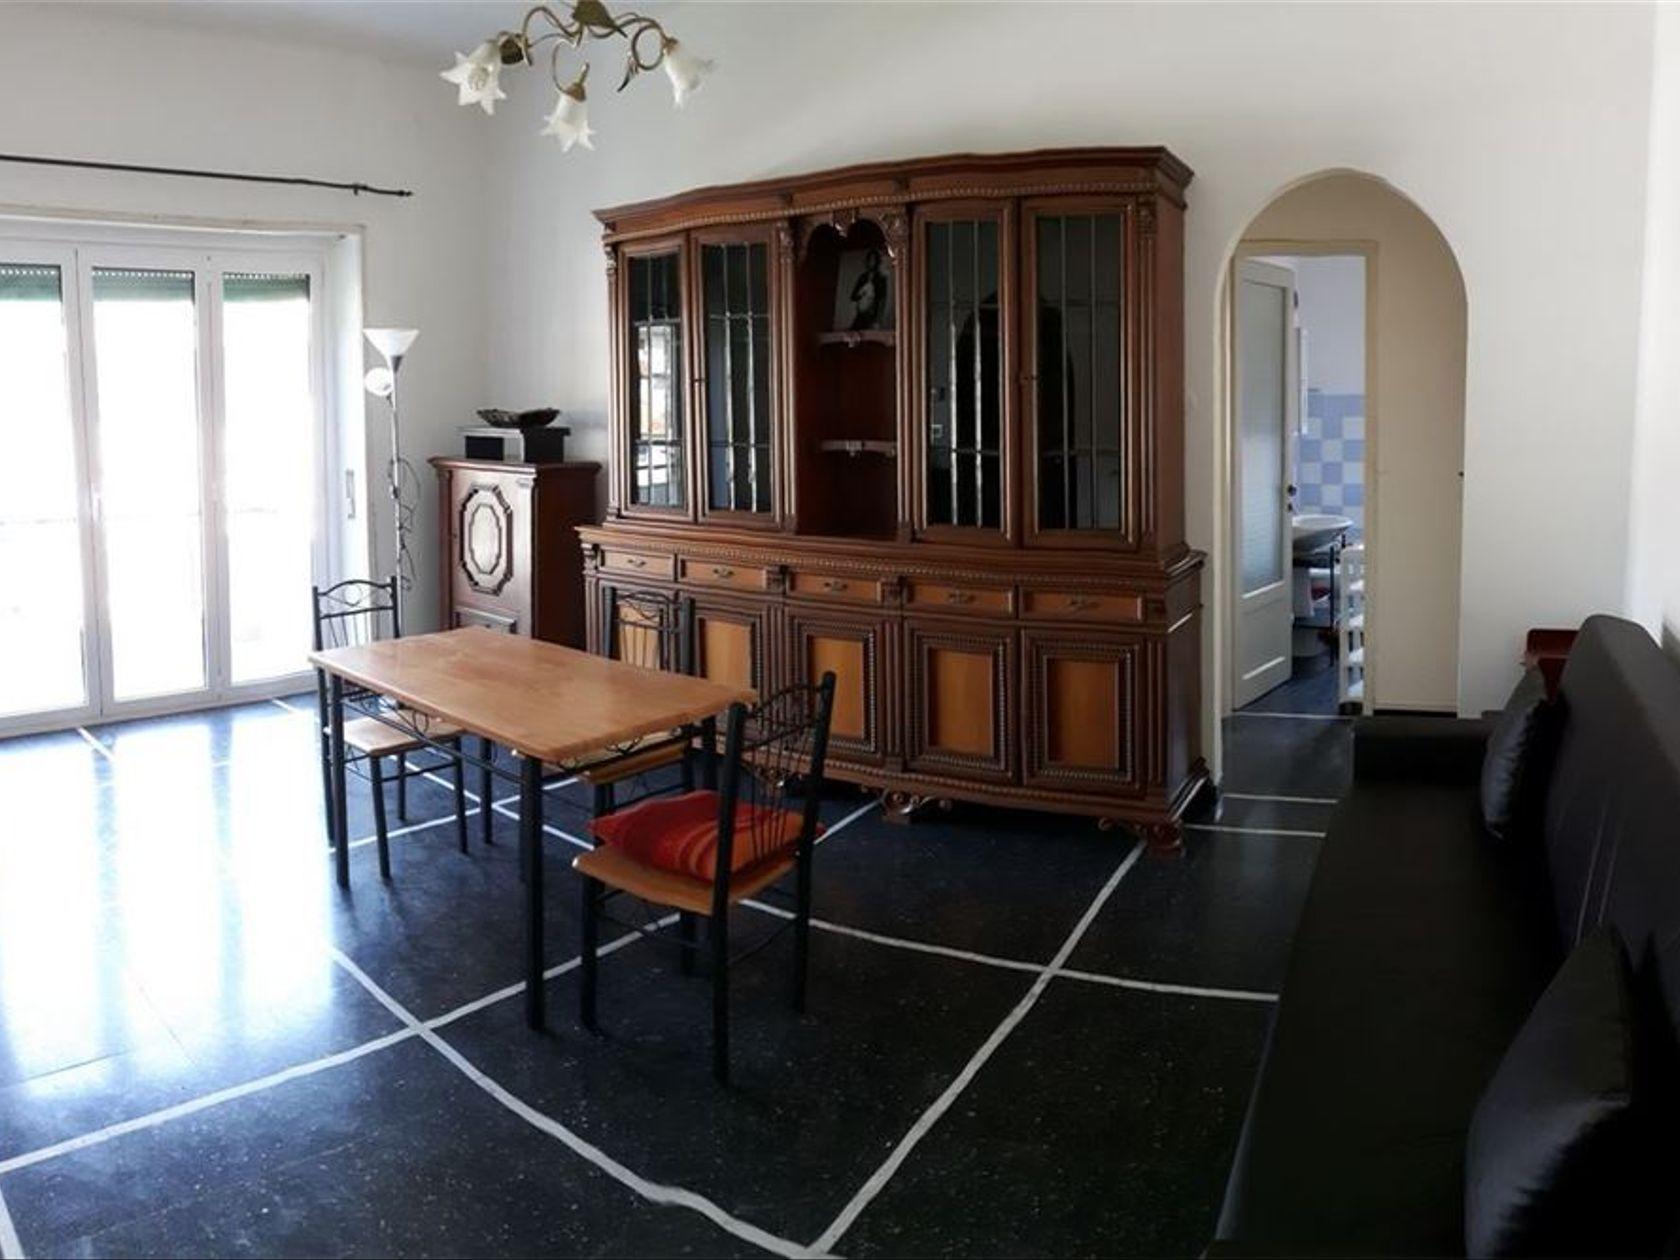 Agenzie Immobiliari A Rapallo appartamento in vendita rapallo 21711291-6 | re/max italia